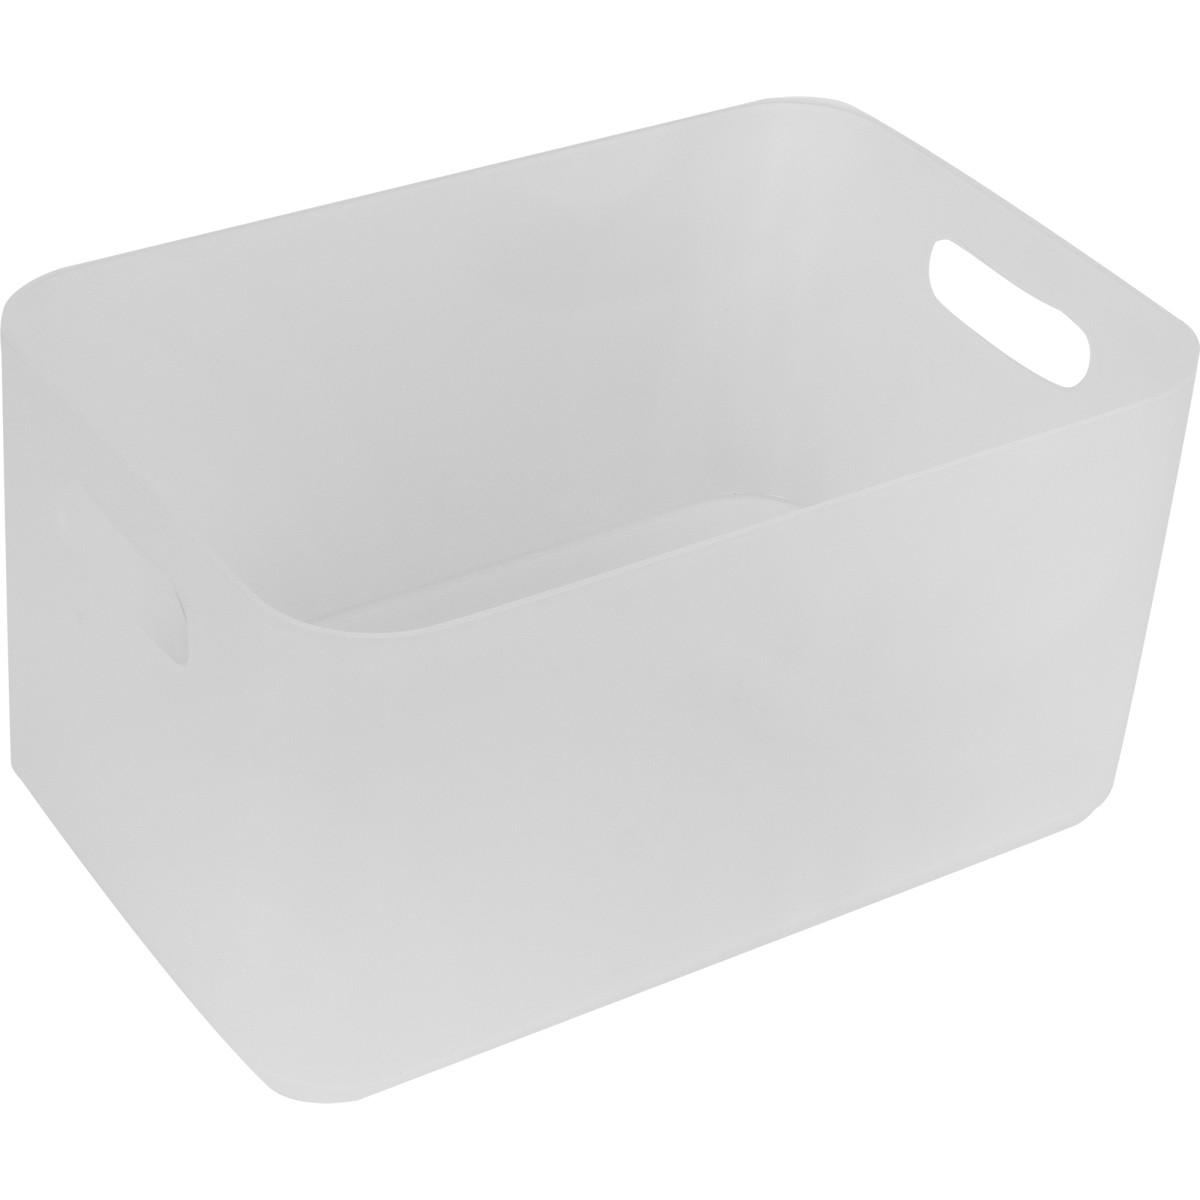 Ёмкость большая Berossi 22x12x15 см пластик цвет прозрачный